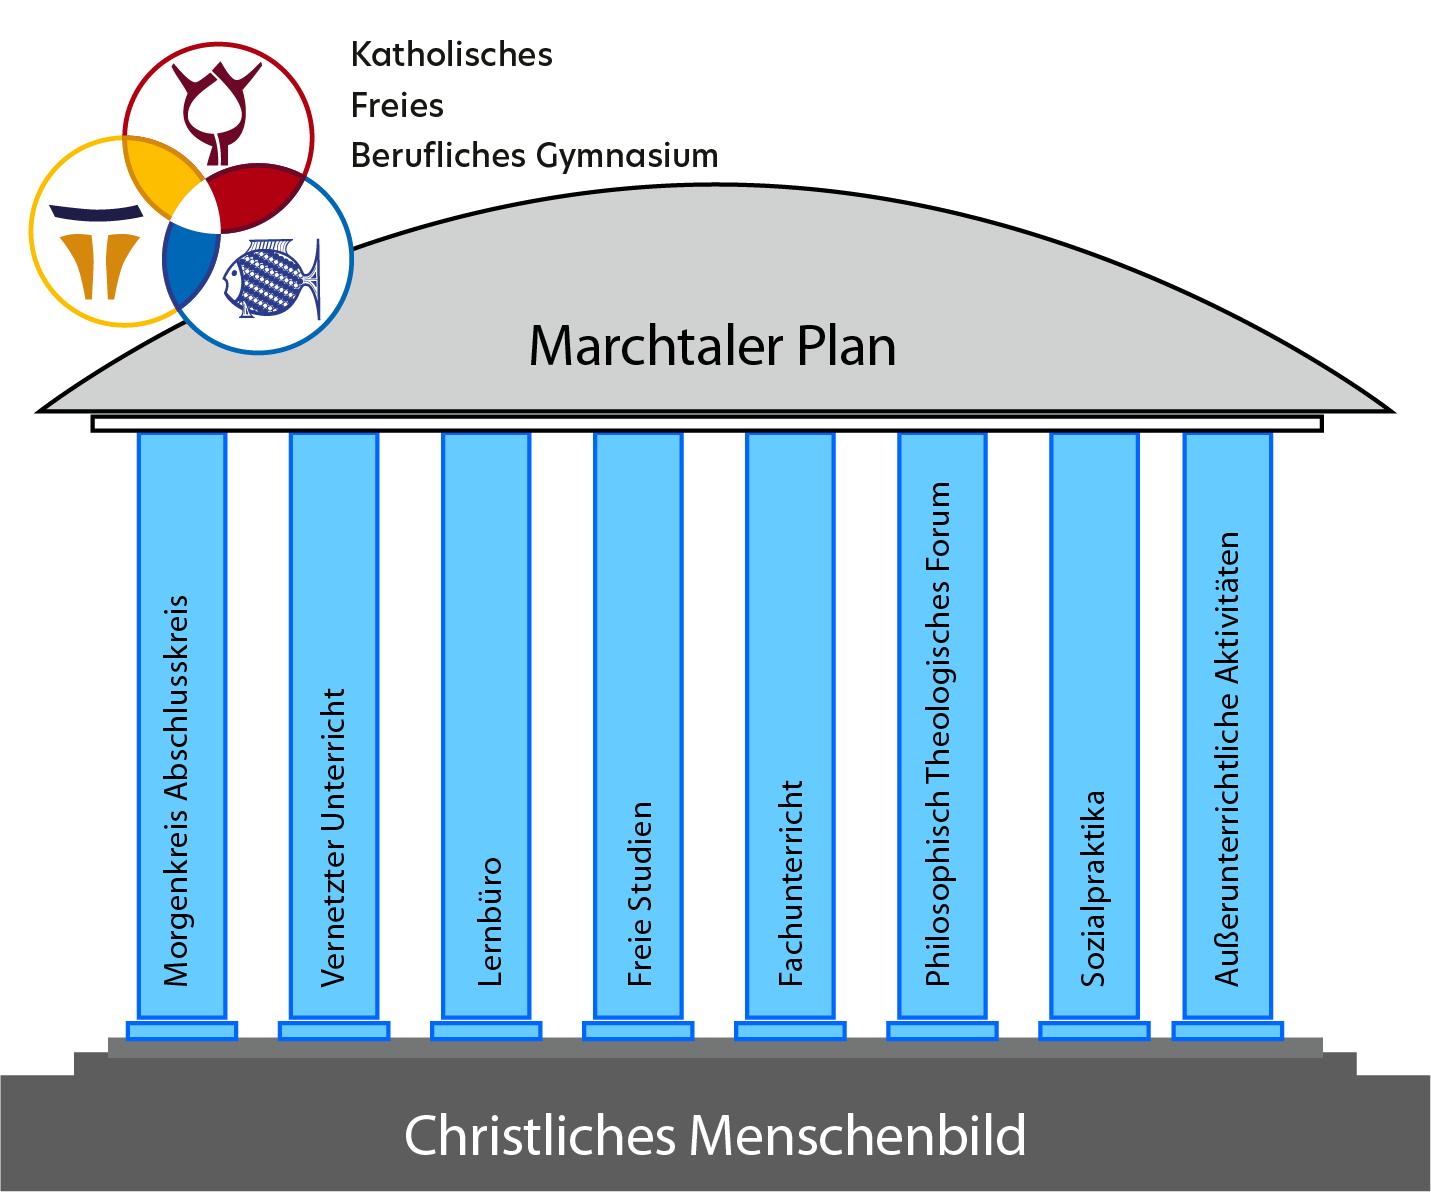 Bild:Strukturelemente in der Oberstufe